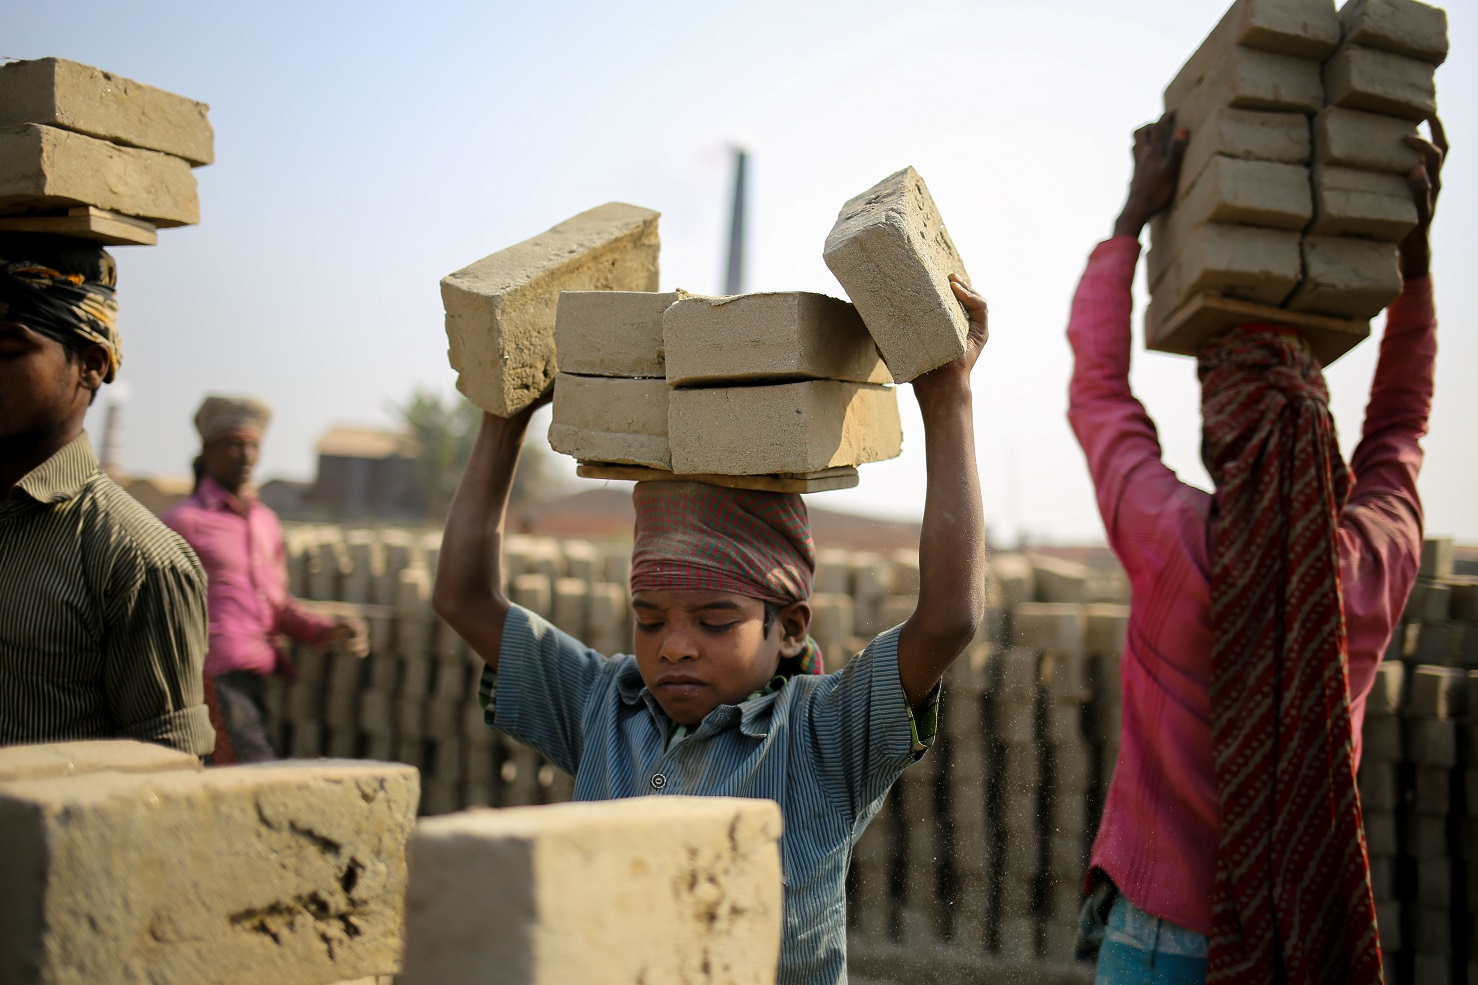 A crescente urbanização e o trabalho infantil estão entre as ameaças. Foto Mohammad Ponir Hossain/NurPhoto